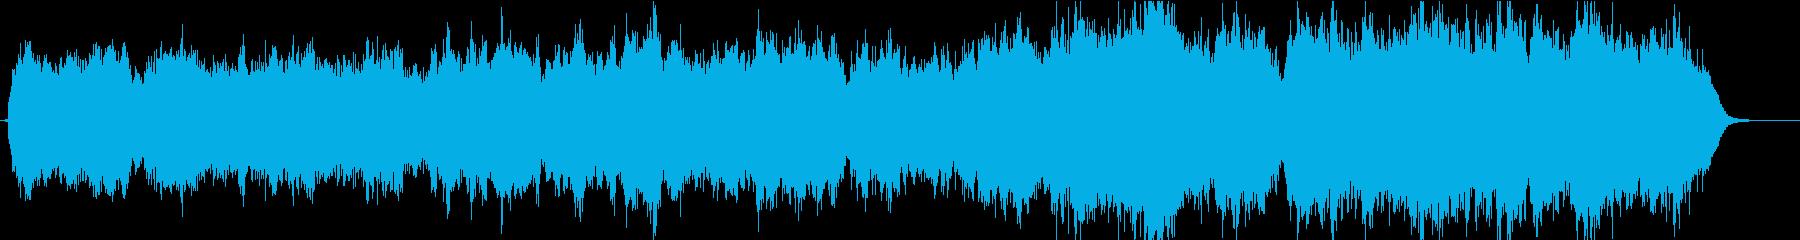 感動的なRPG風BGM・表彰式・戴冠式の再生済みの波形